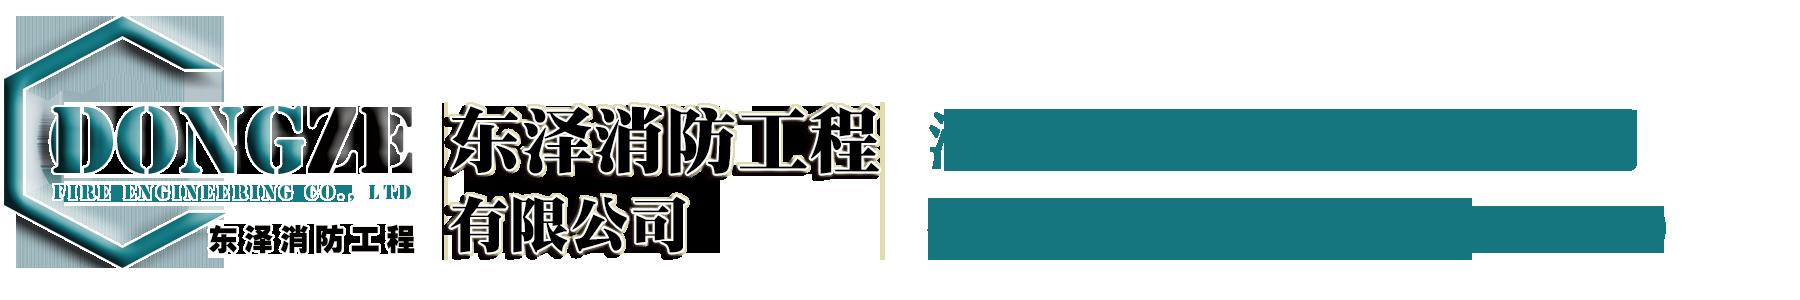 东泽消防工程有限公司